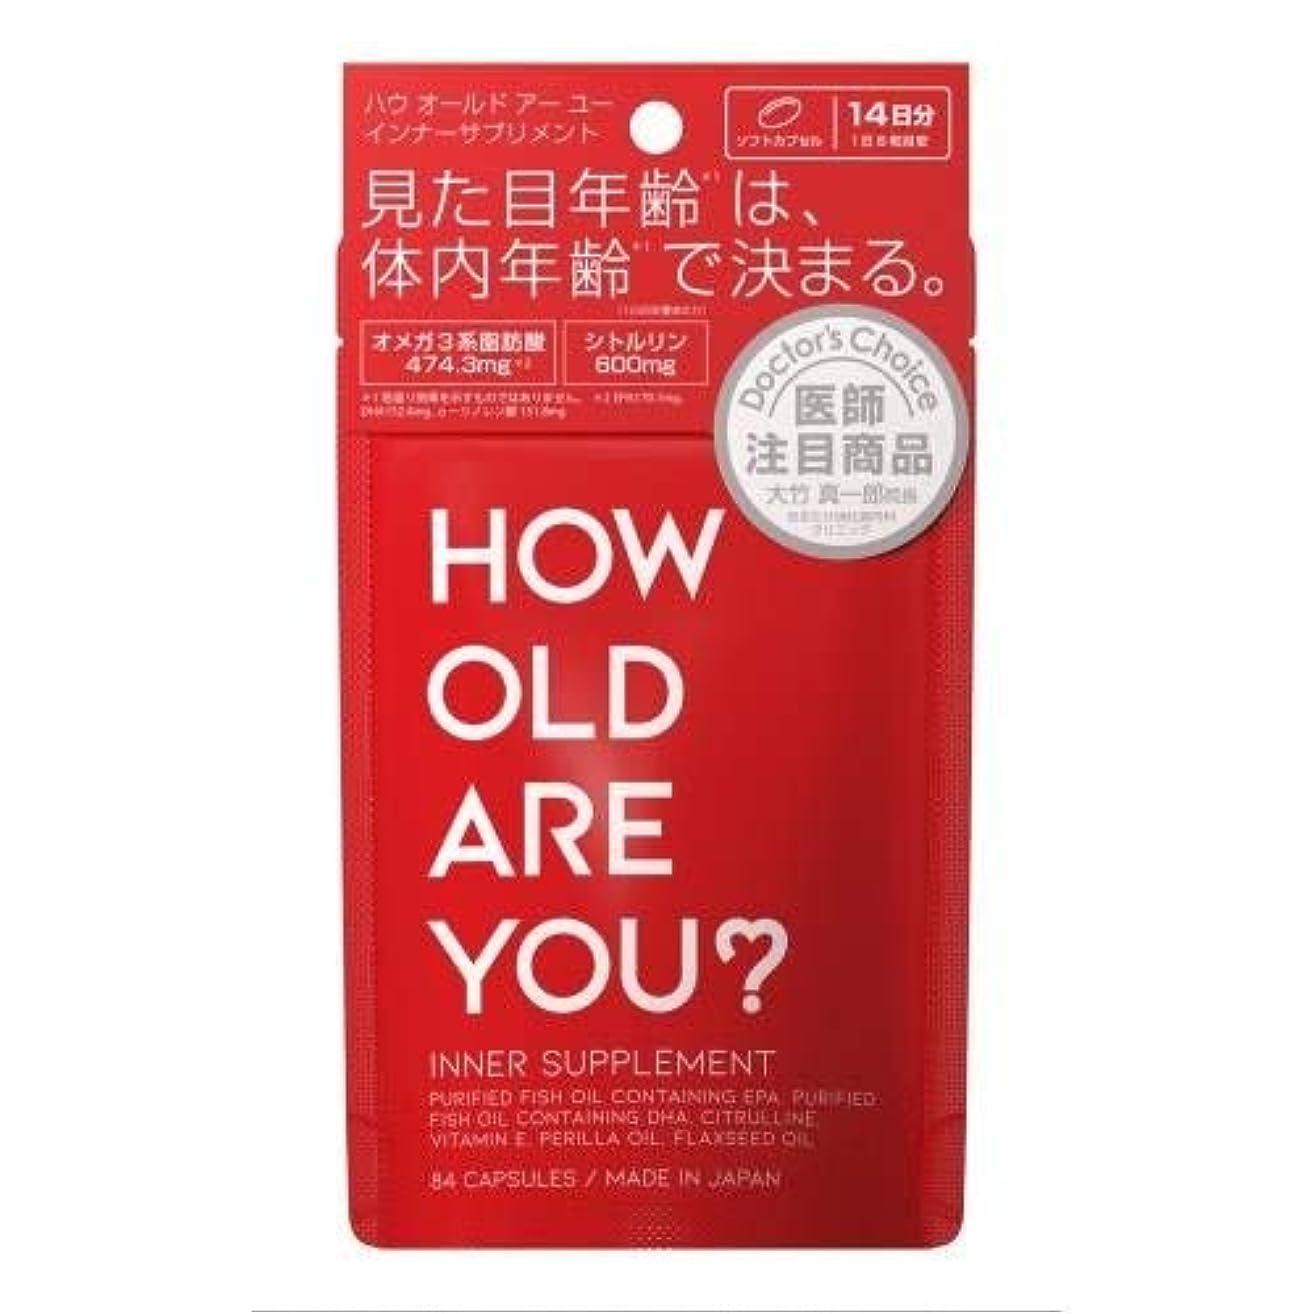 遮る不和きらめく【6個セット】HOW OLD ARE YOU?インナーサプリメント 84粒